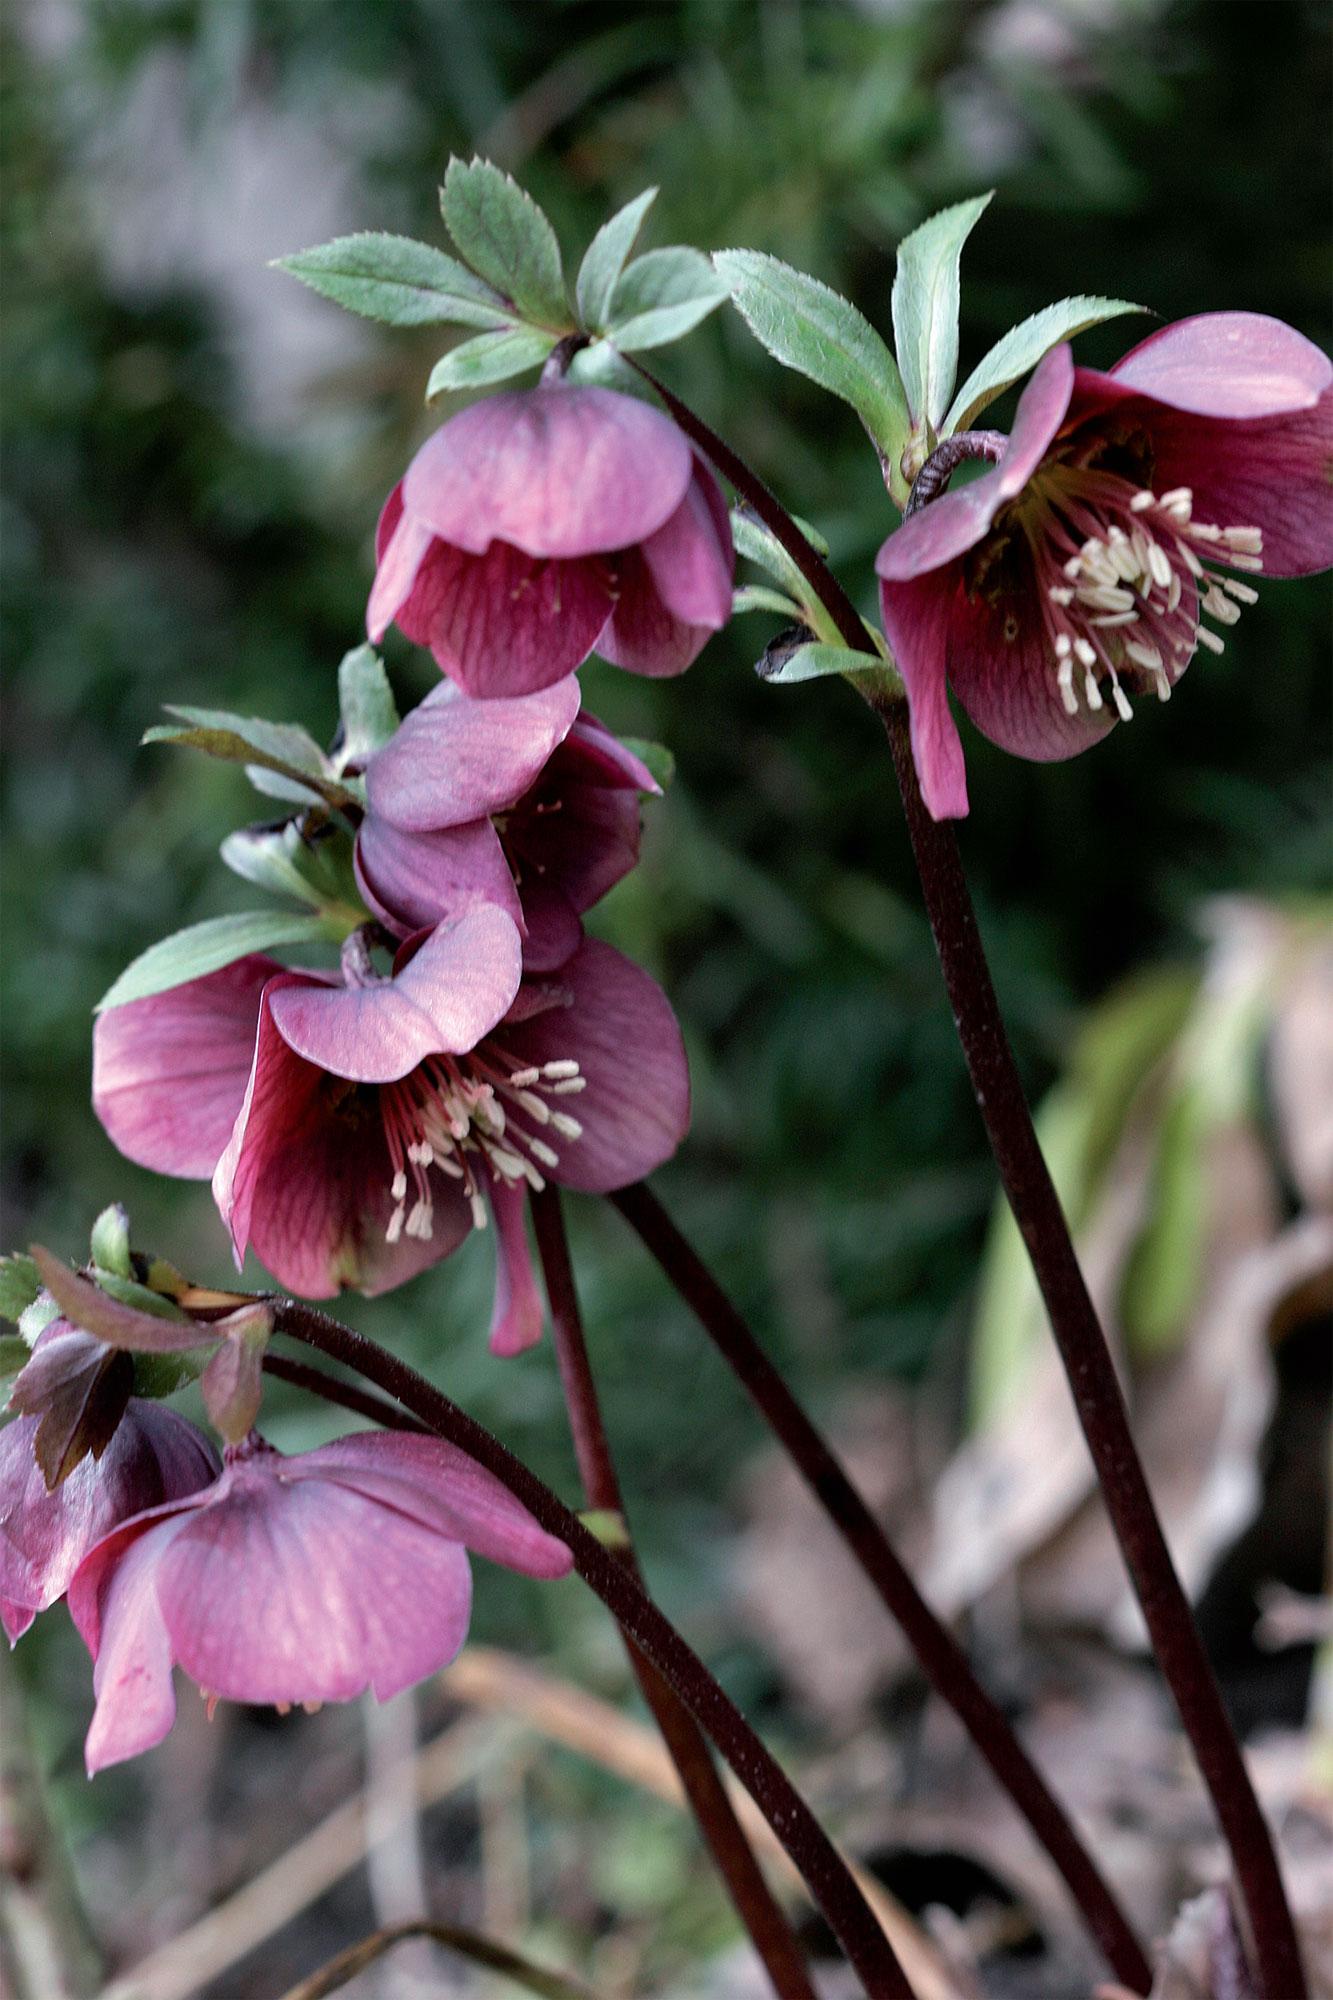 Tämän viininpunaisen tarhajouluruusun lehdet kasvavat kukkien puhkeamisen jälkeen.